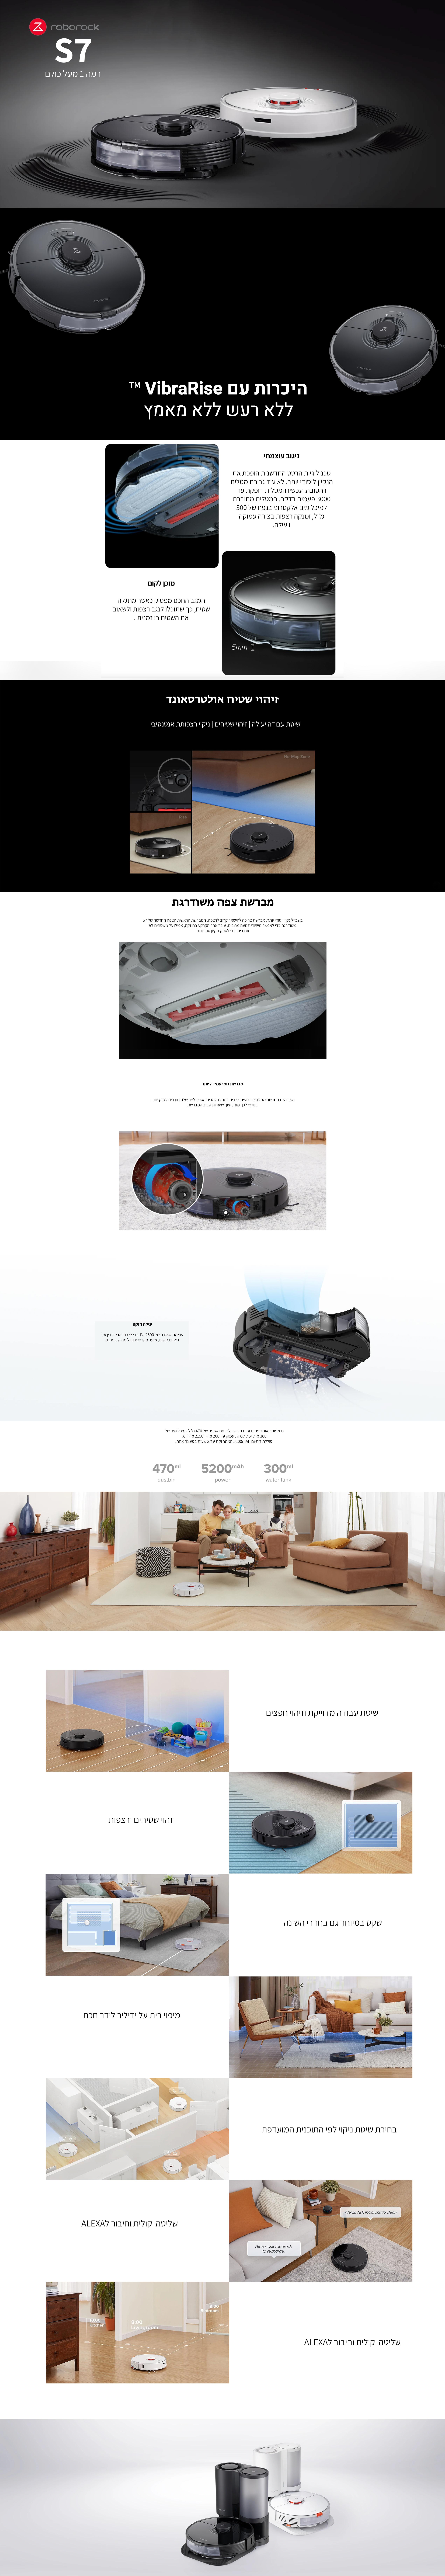 שואב אבק רובוטי  Roborock S7 Robot Vacuum- צבע לבן  מבית שיאומי יבוא מקביל | שואבי אבק רובוטי של Xiaomi הכי זולים בארץ! 18